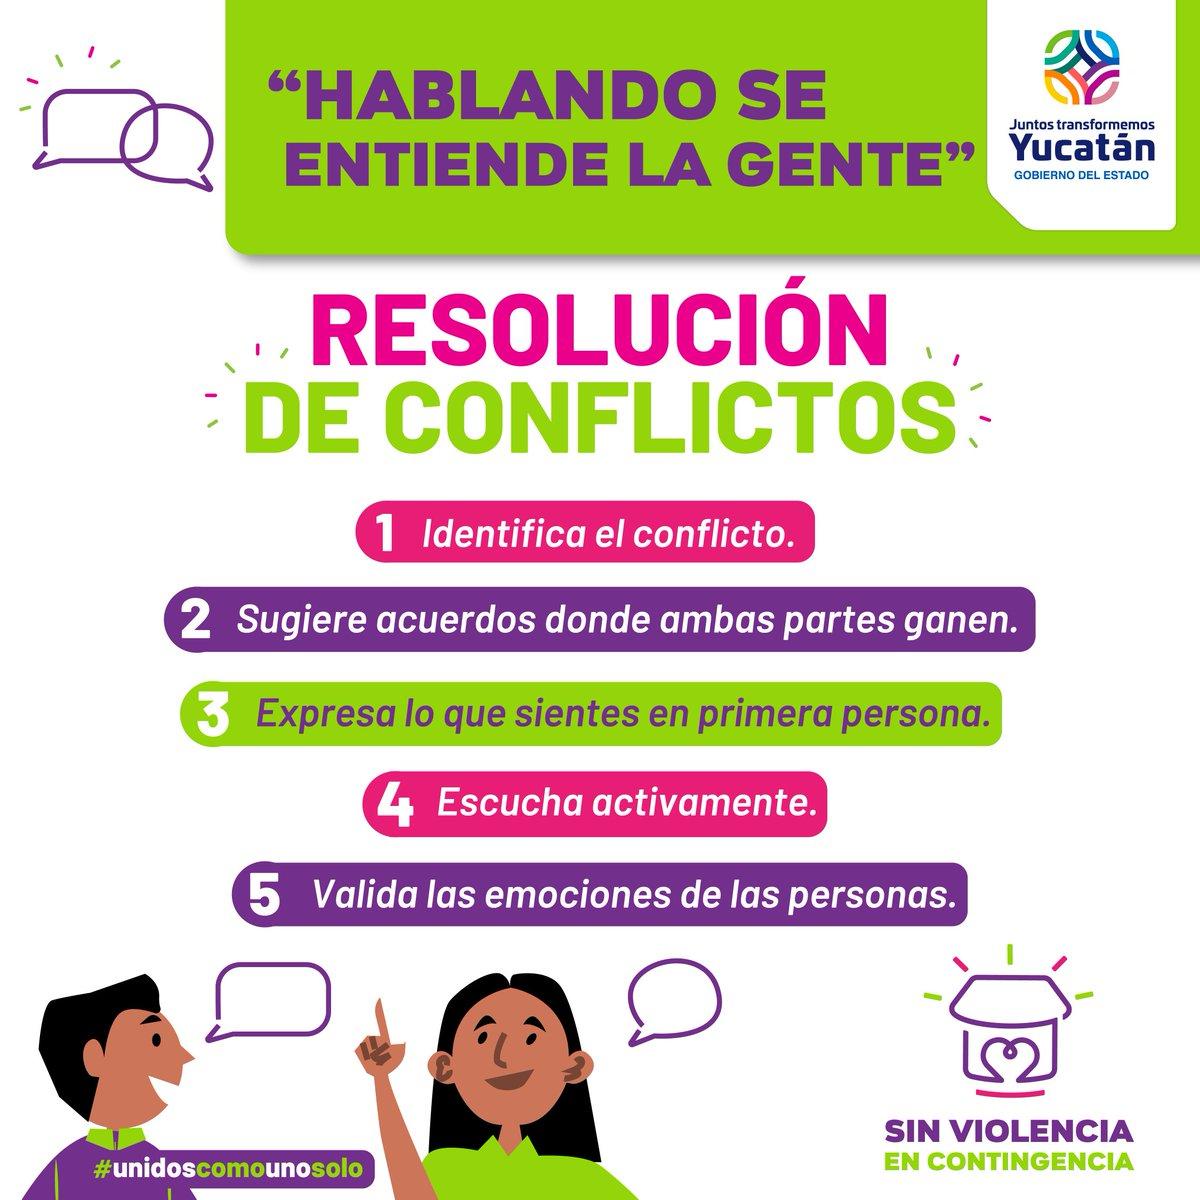 Gobierno De Yucatán على تويتر La Resolución De Conflictos Mediante El Diálogo Favorece La Comunicación Asertiva Sigue Estos 5 Sencillos Pasos Para Lograrlo Sinviolenciaencontingencia Https T Co 73b2tqiffr